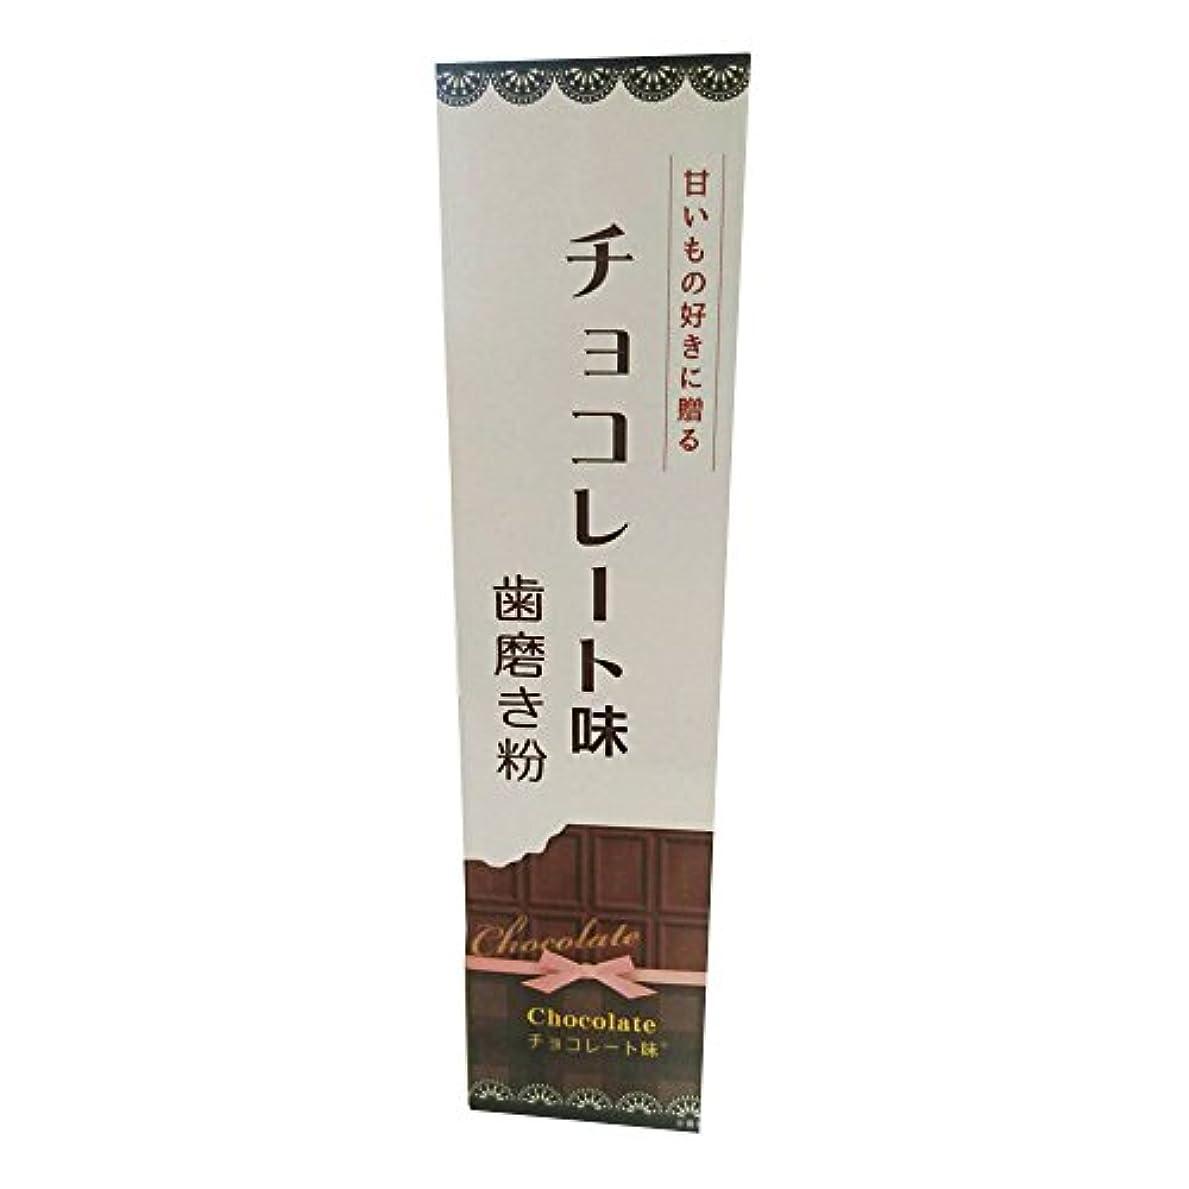 療法推進、動かすペルソナフレーバー歯磨き粉チョコレート味 70g